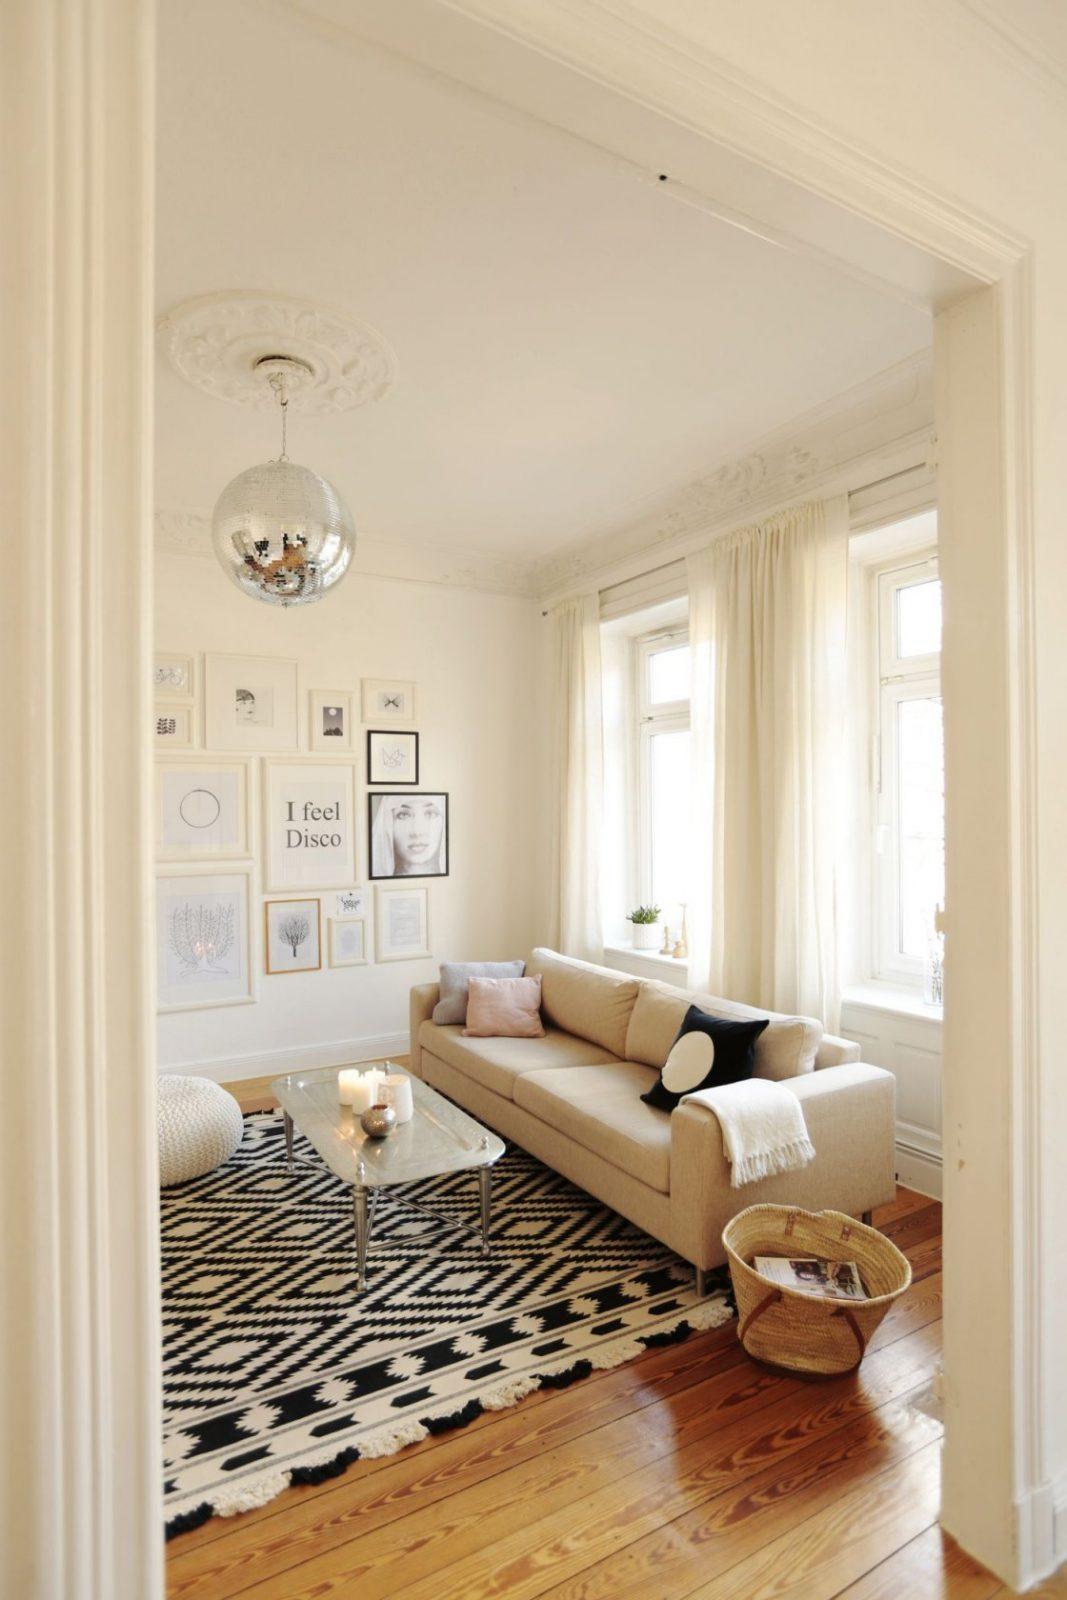 Die Schönsten Ideen Für Die Wandfarbe Im Wohnzimmer von Schöne Wandfarben Fürs Wohnzimmer Bild